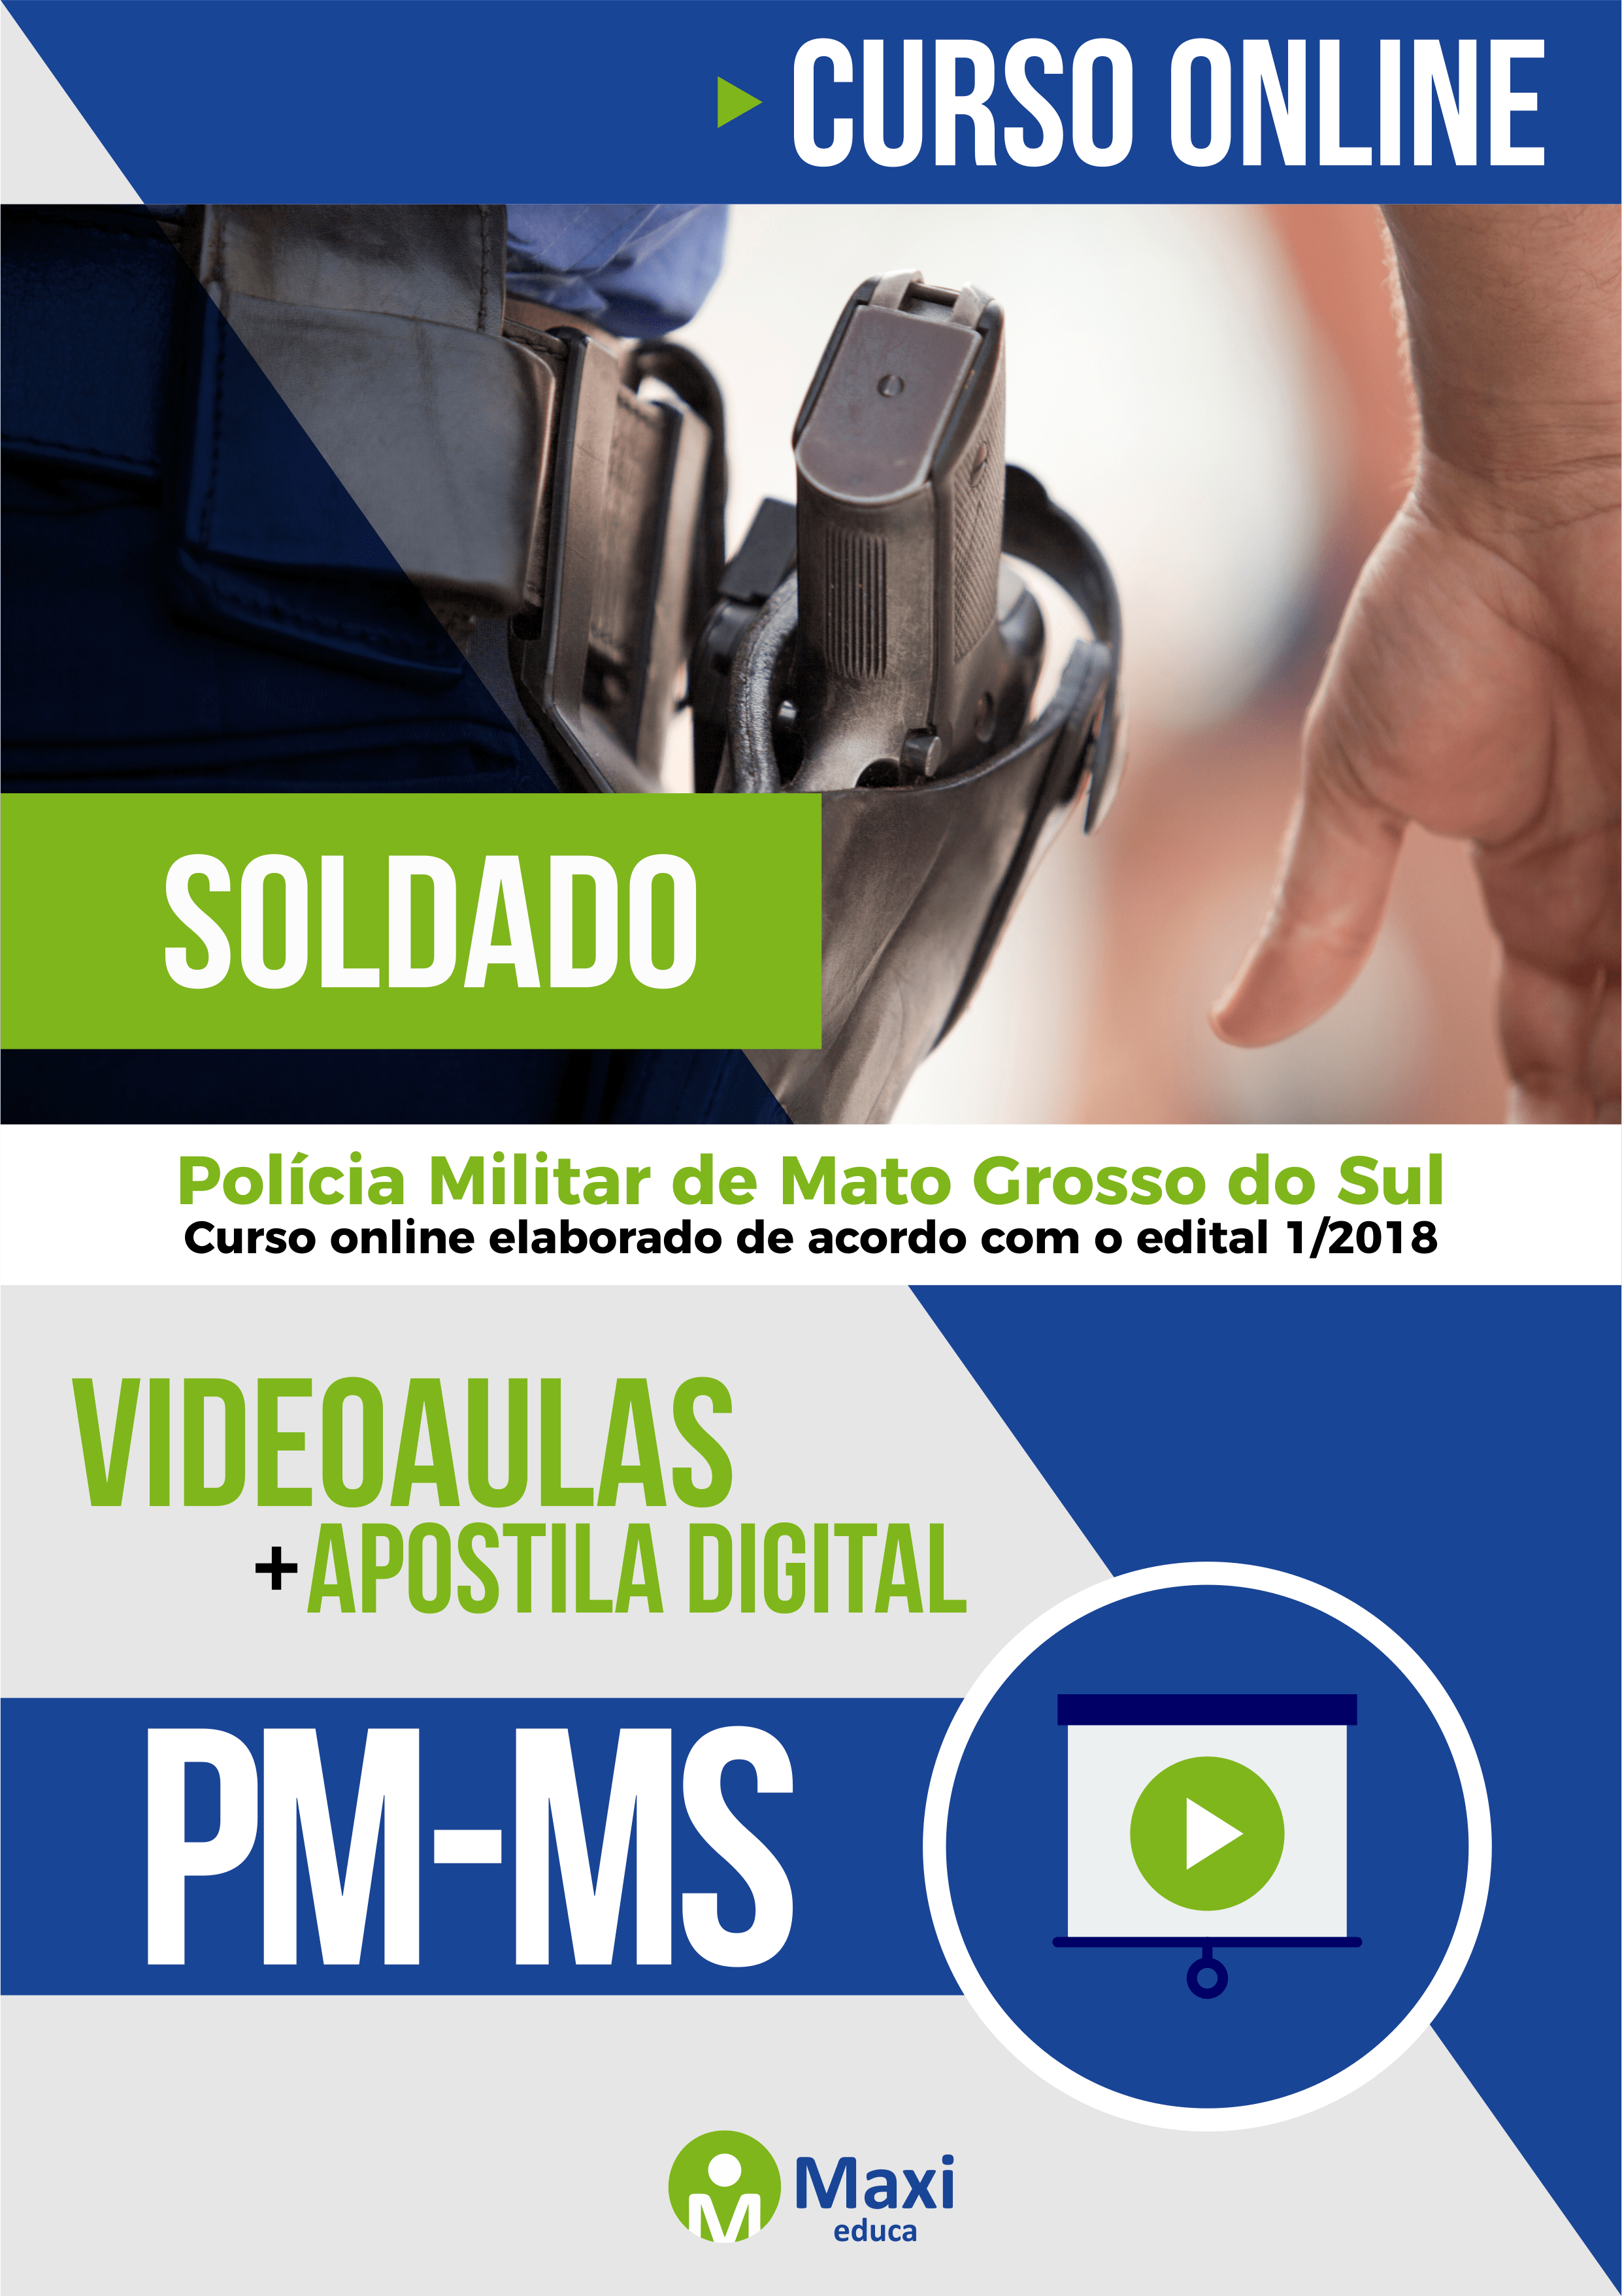 PM-MS- Polícia Militar de Mato Grosso do Sul